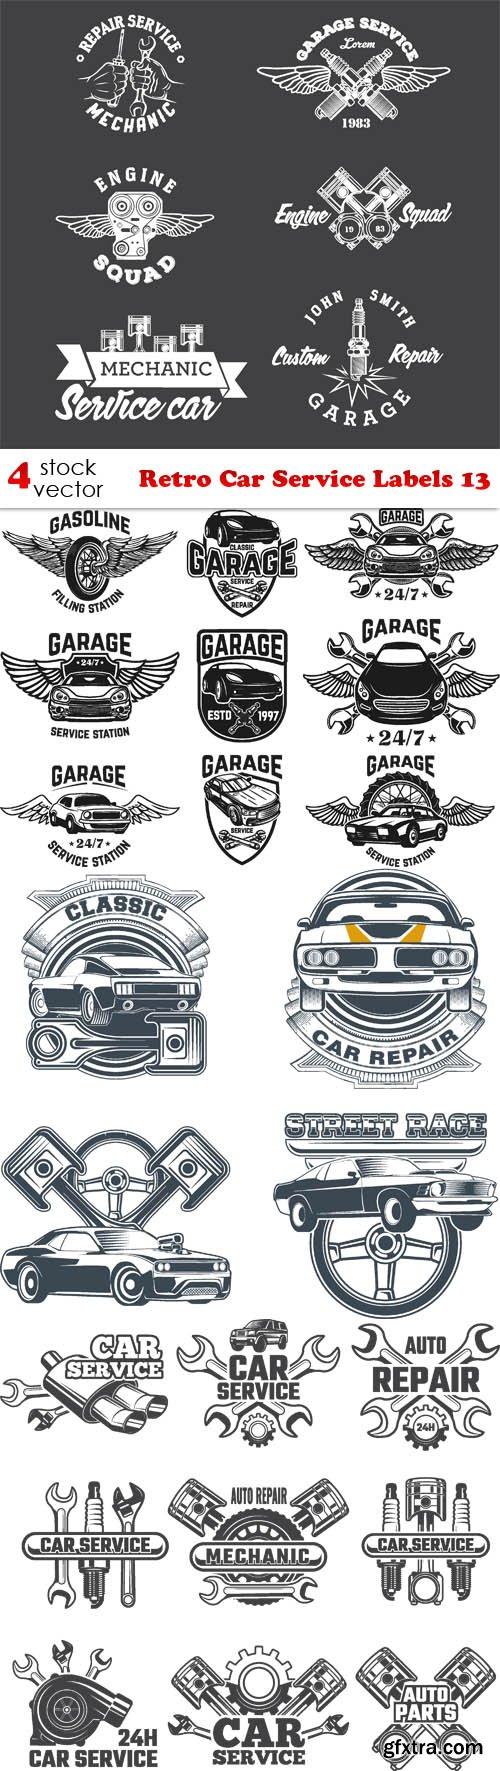 Vectors - Retro Car Service Labels 13